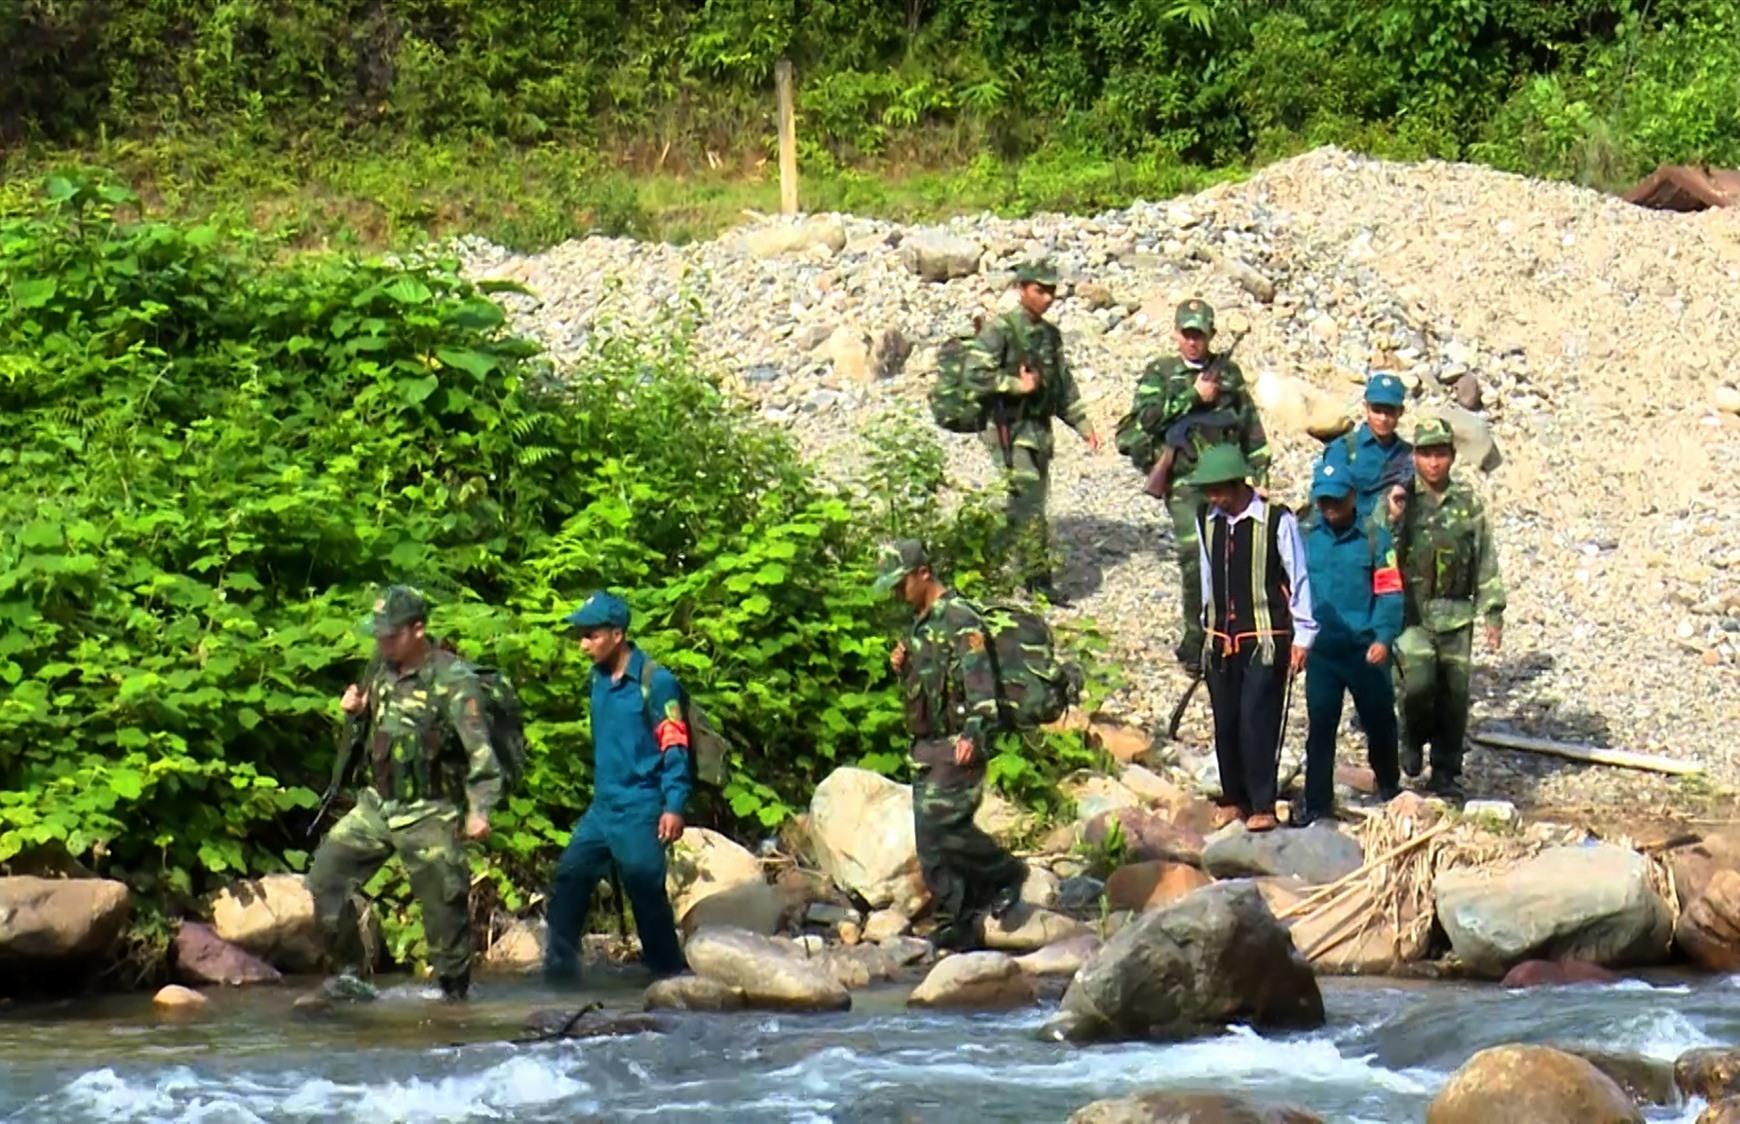 Cán bộ chiến sĩ ĐBPCK Nam Giang cùng lực lượng dân quân và người dân địa phương thường xuyên thực hiện công tác tuần tra biên giới, đảm bảo chủ quyền lãnh thổ quốc gia. Ảnh: Q.Đ